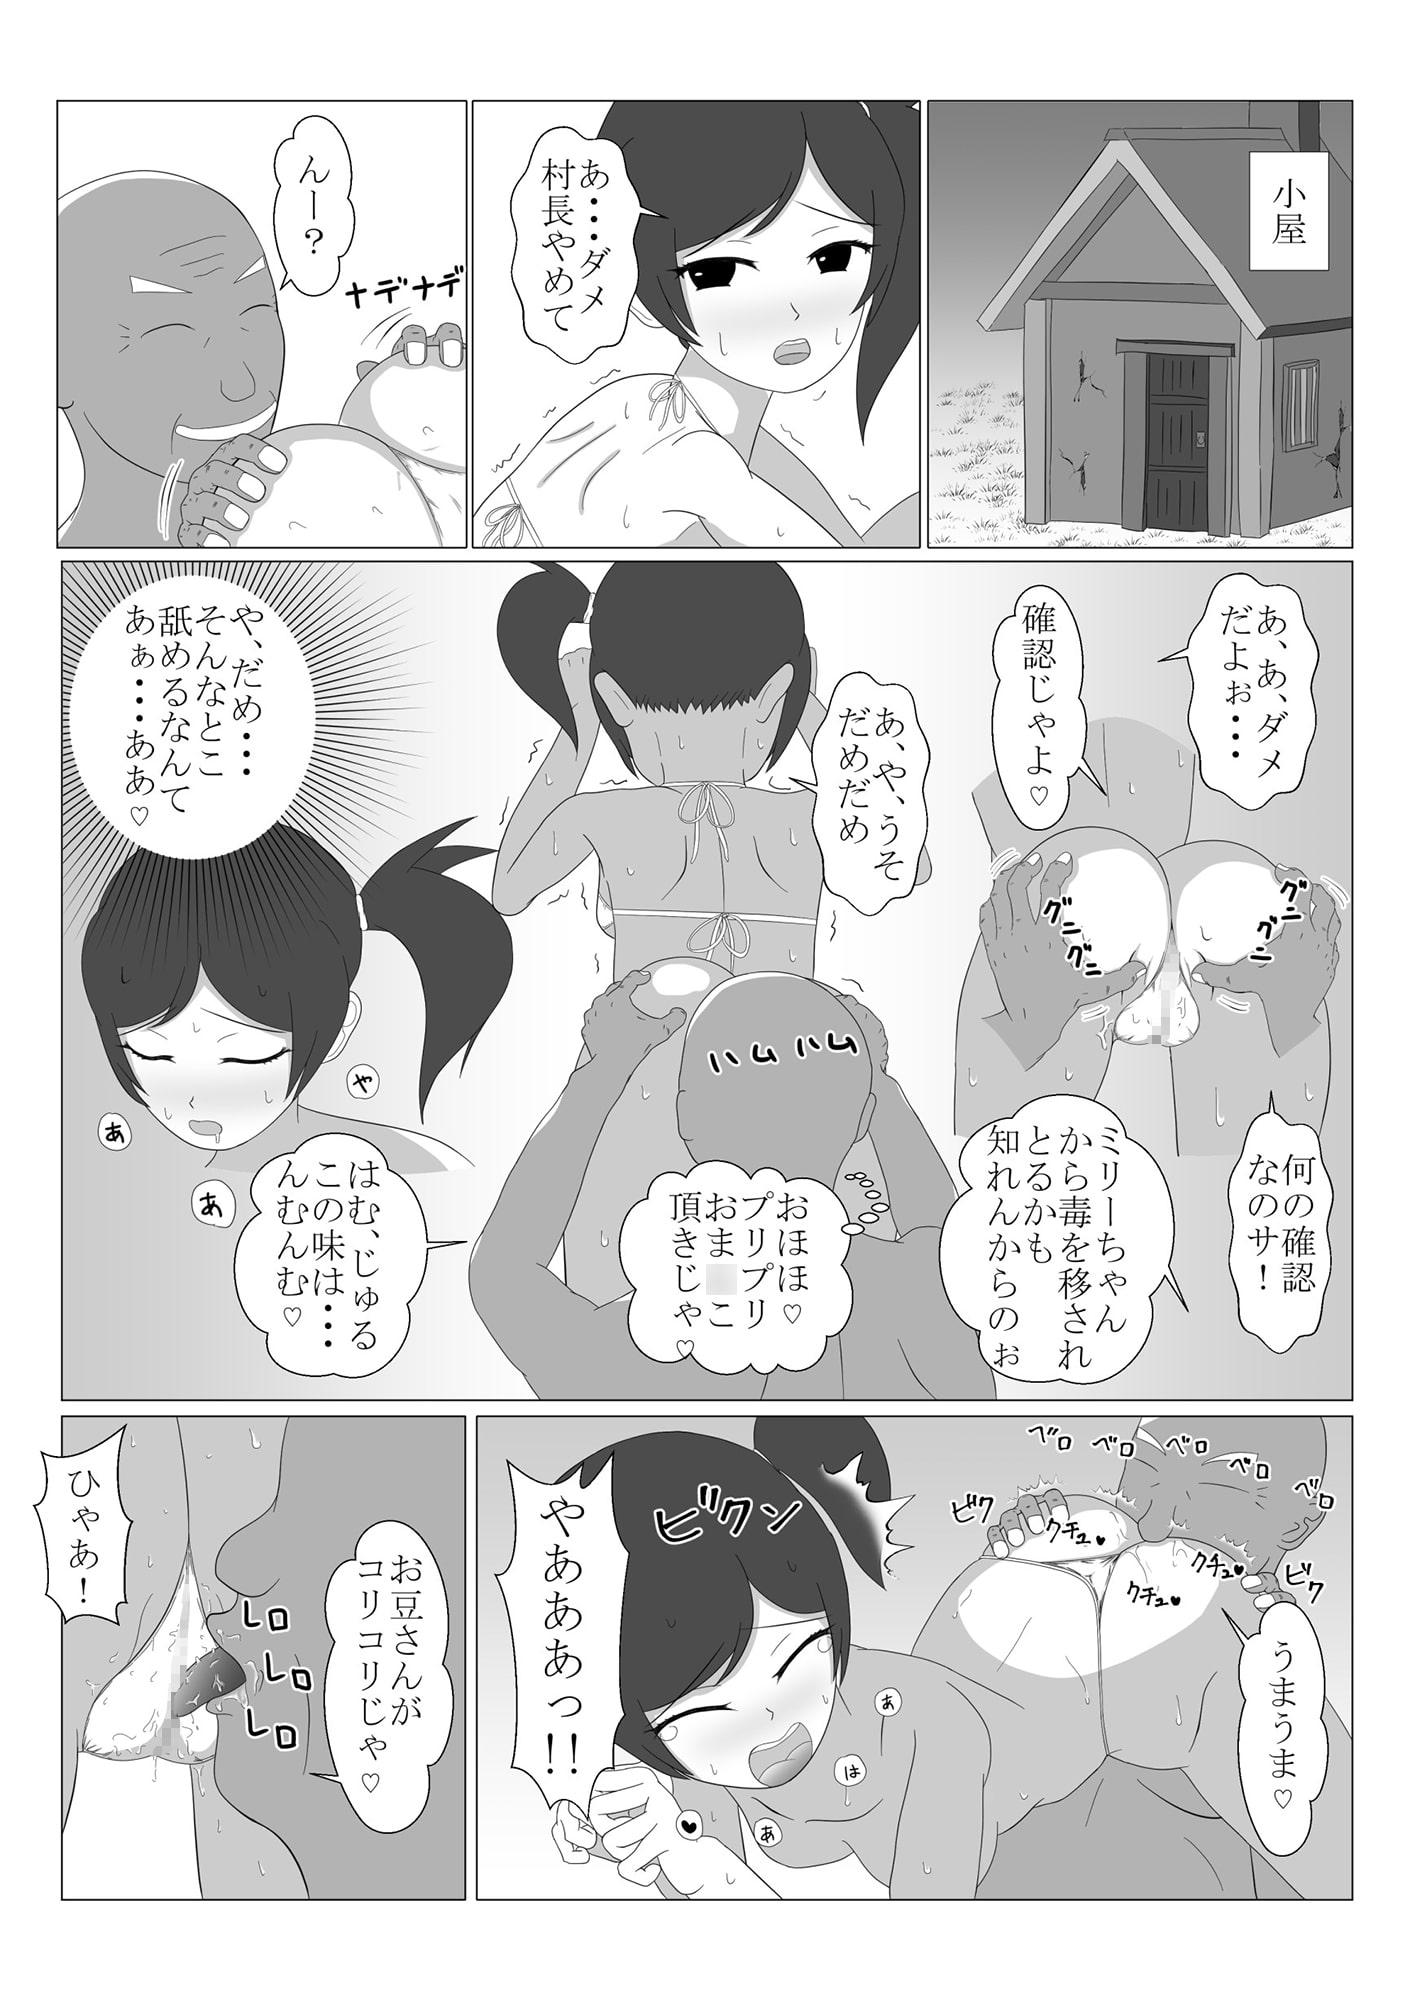 少年勇者ケン ~毒虫捕獲大作戦!!の巻き~